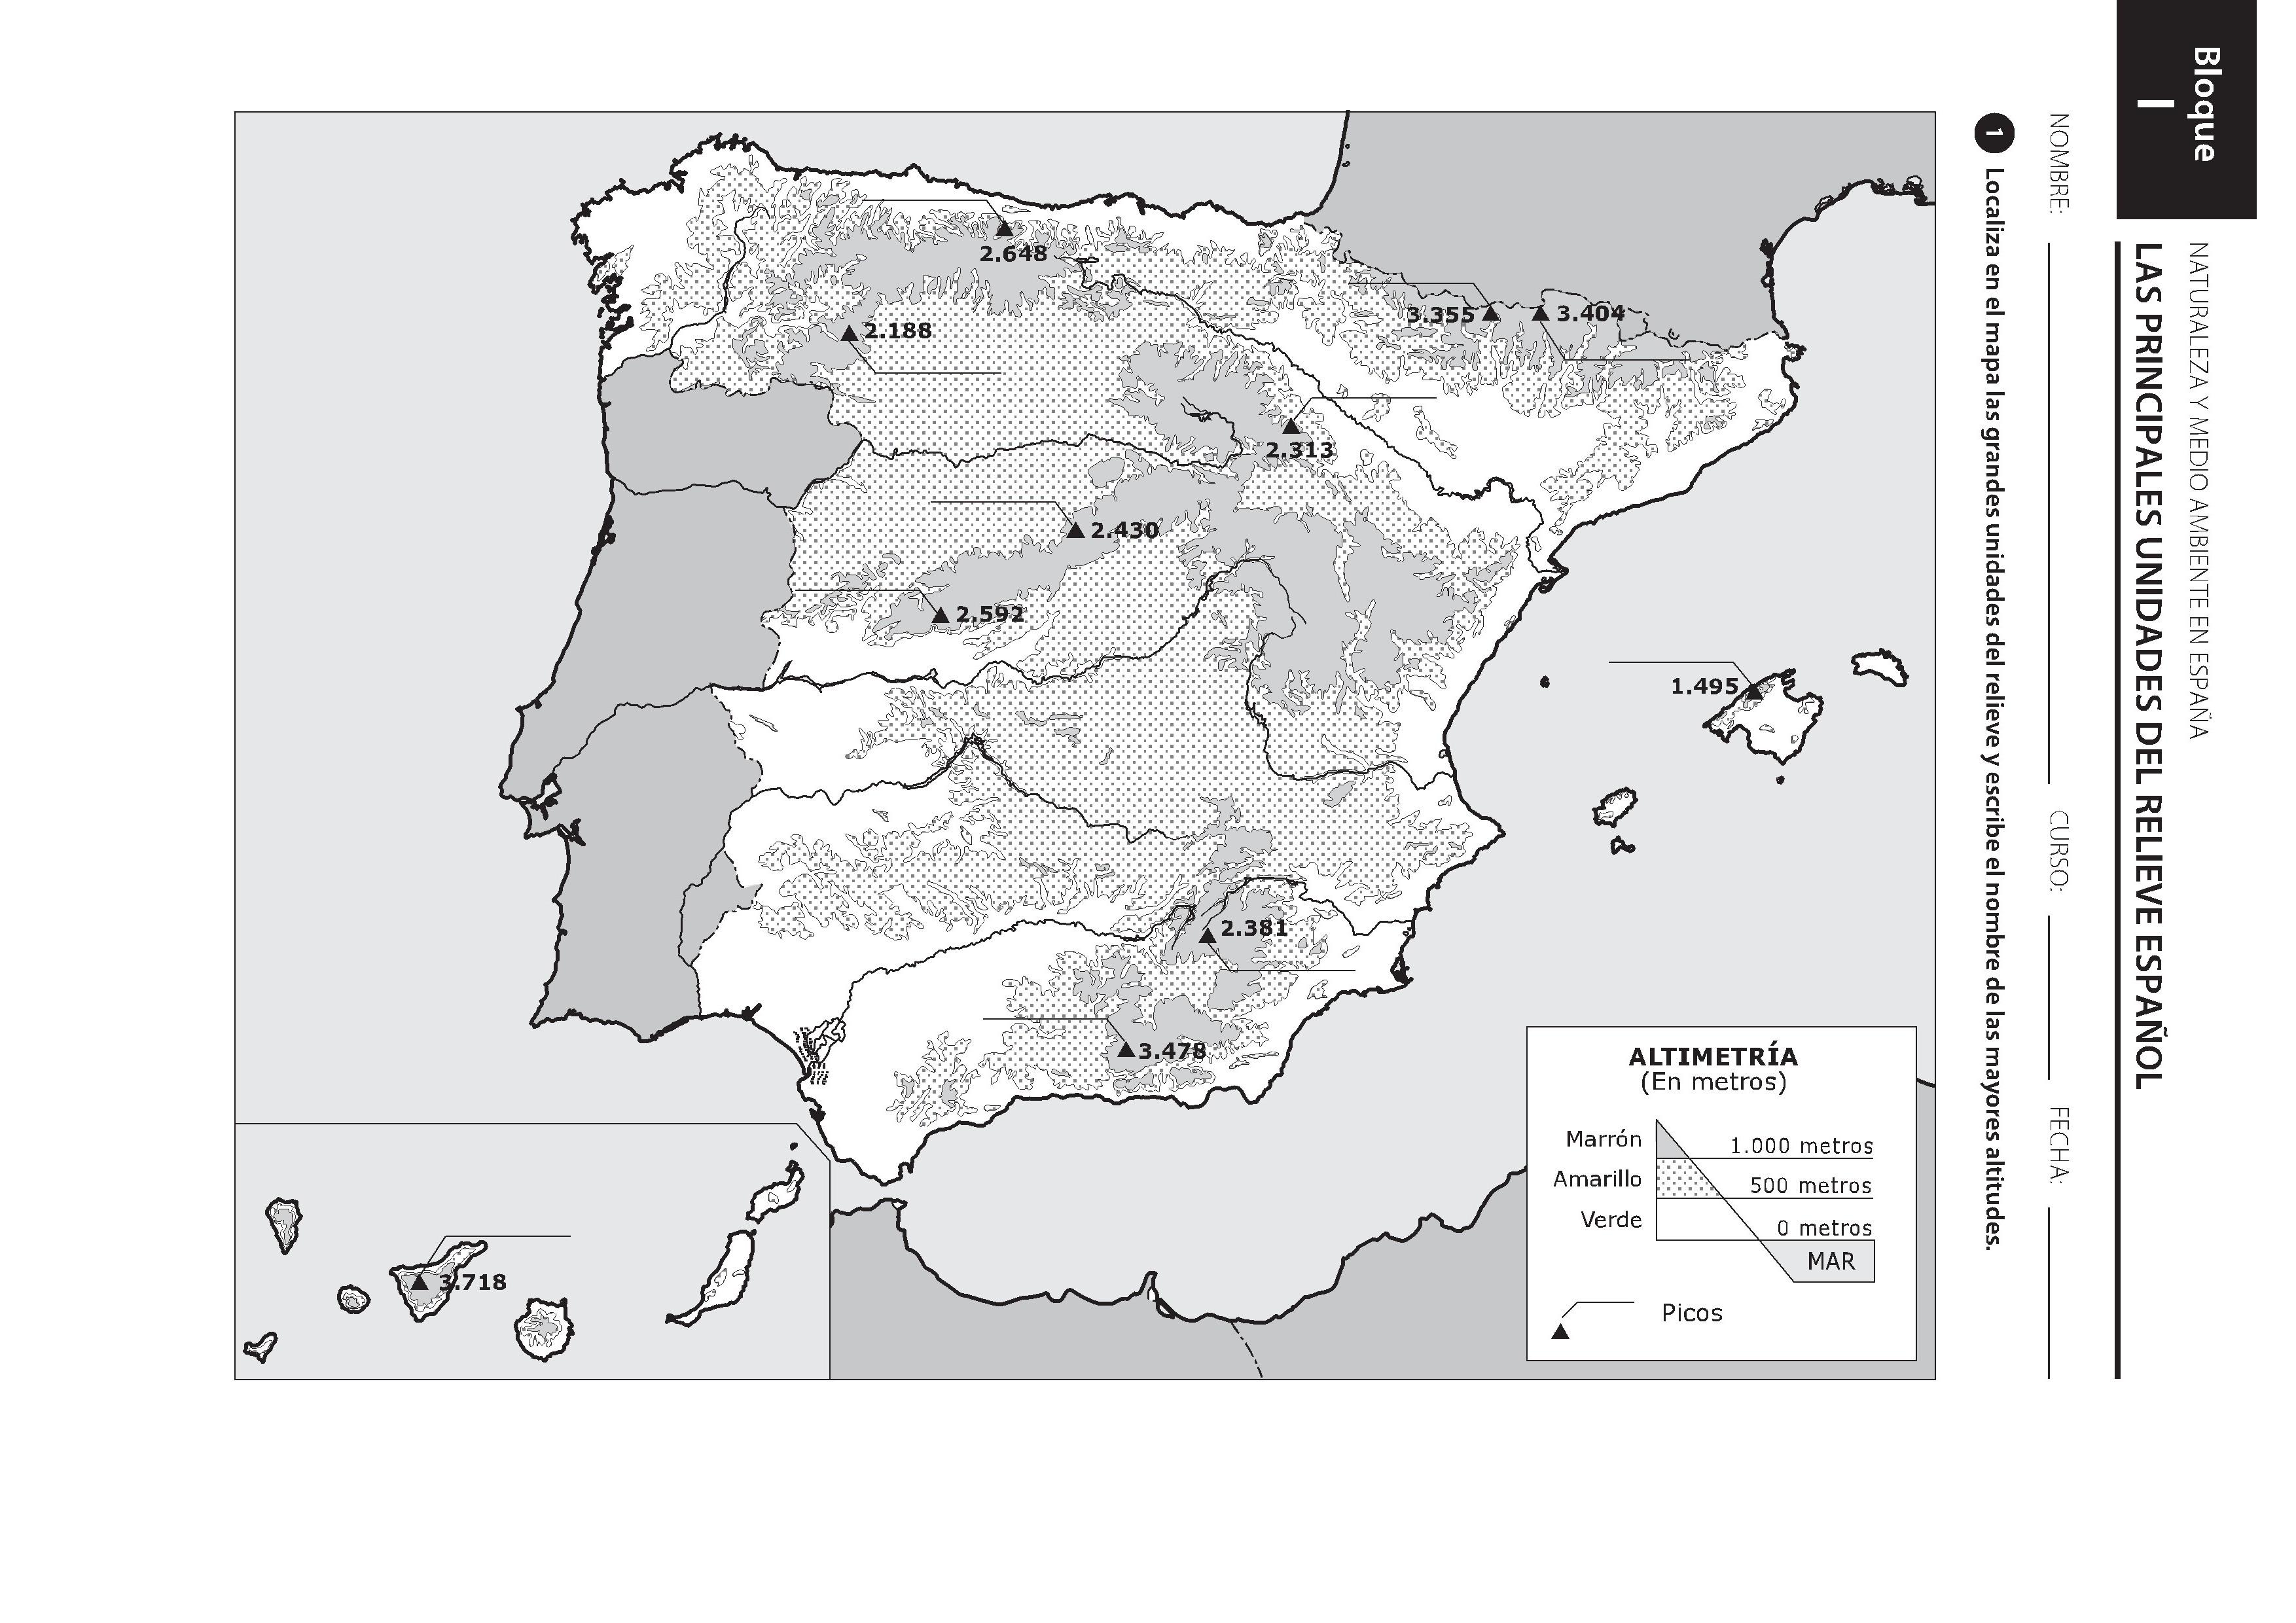 Mapa Relieve España Mudo.La Escuela En Infantil Y Primaria Geografia De Espana Y